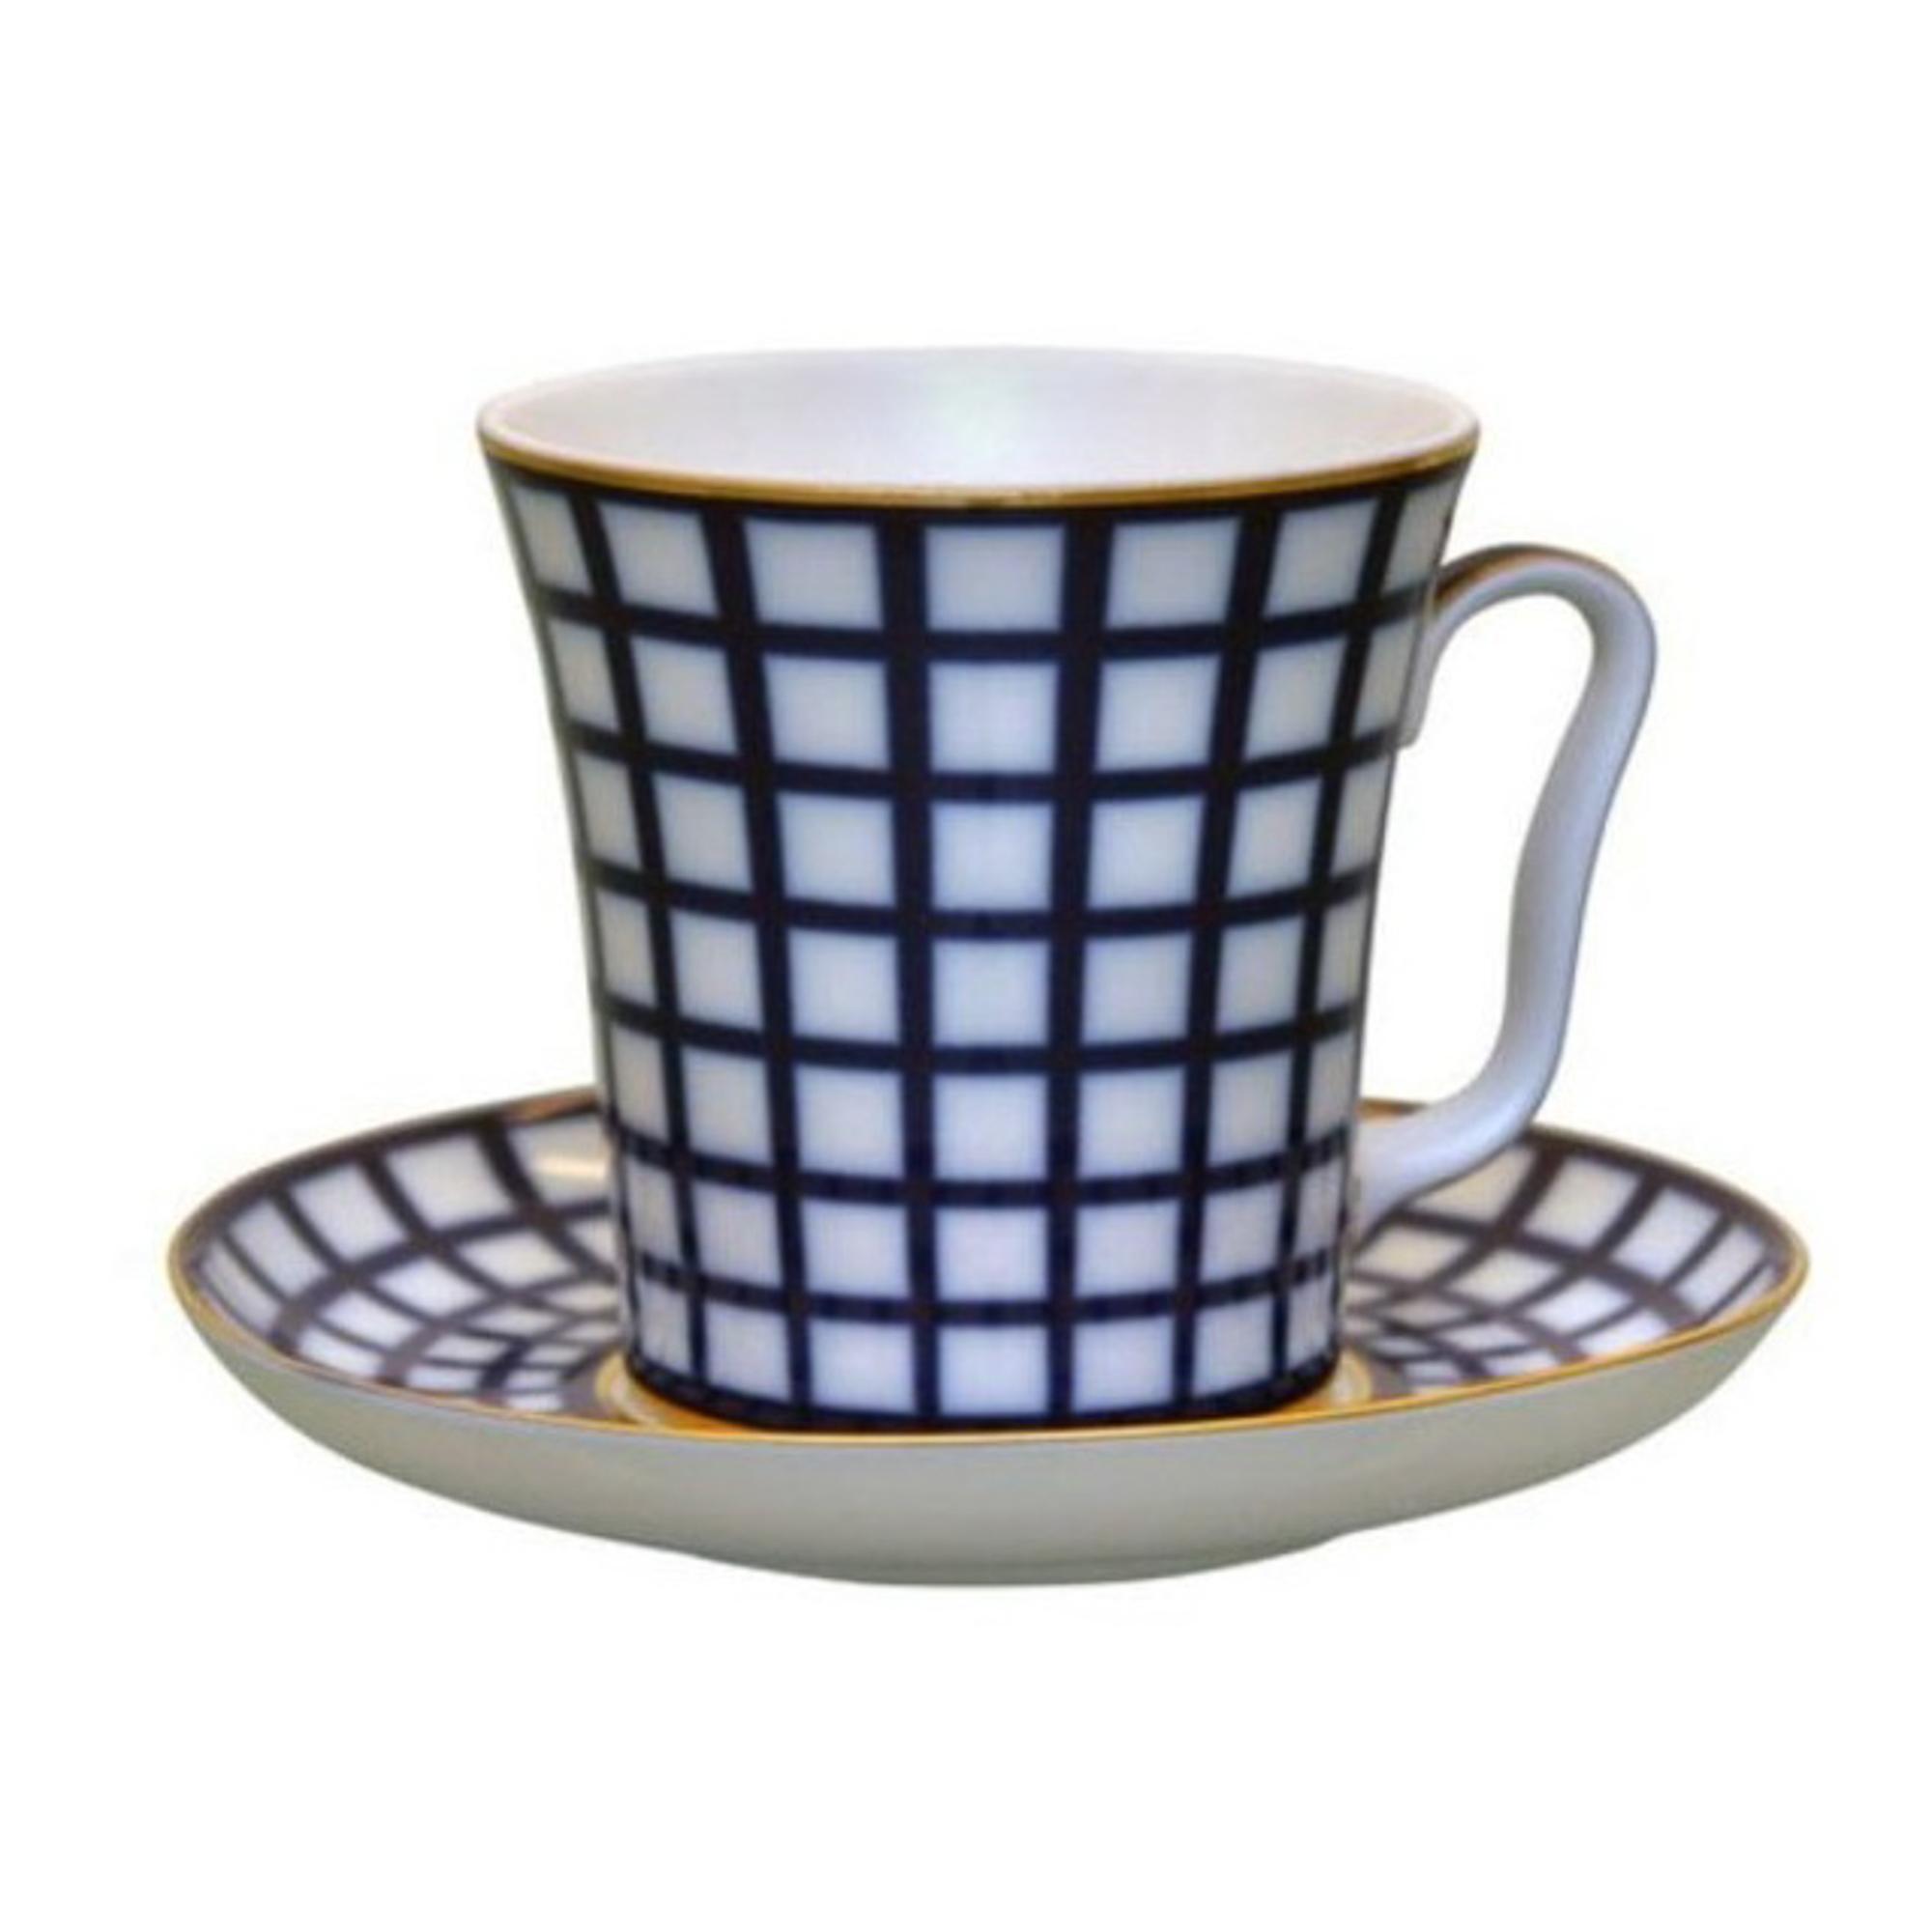 Бокал с блюдцем чайный, форма ленинградский - кобальтовая клетка Лфз фото